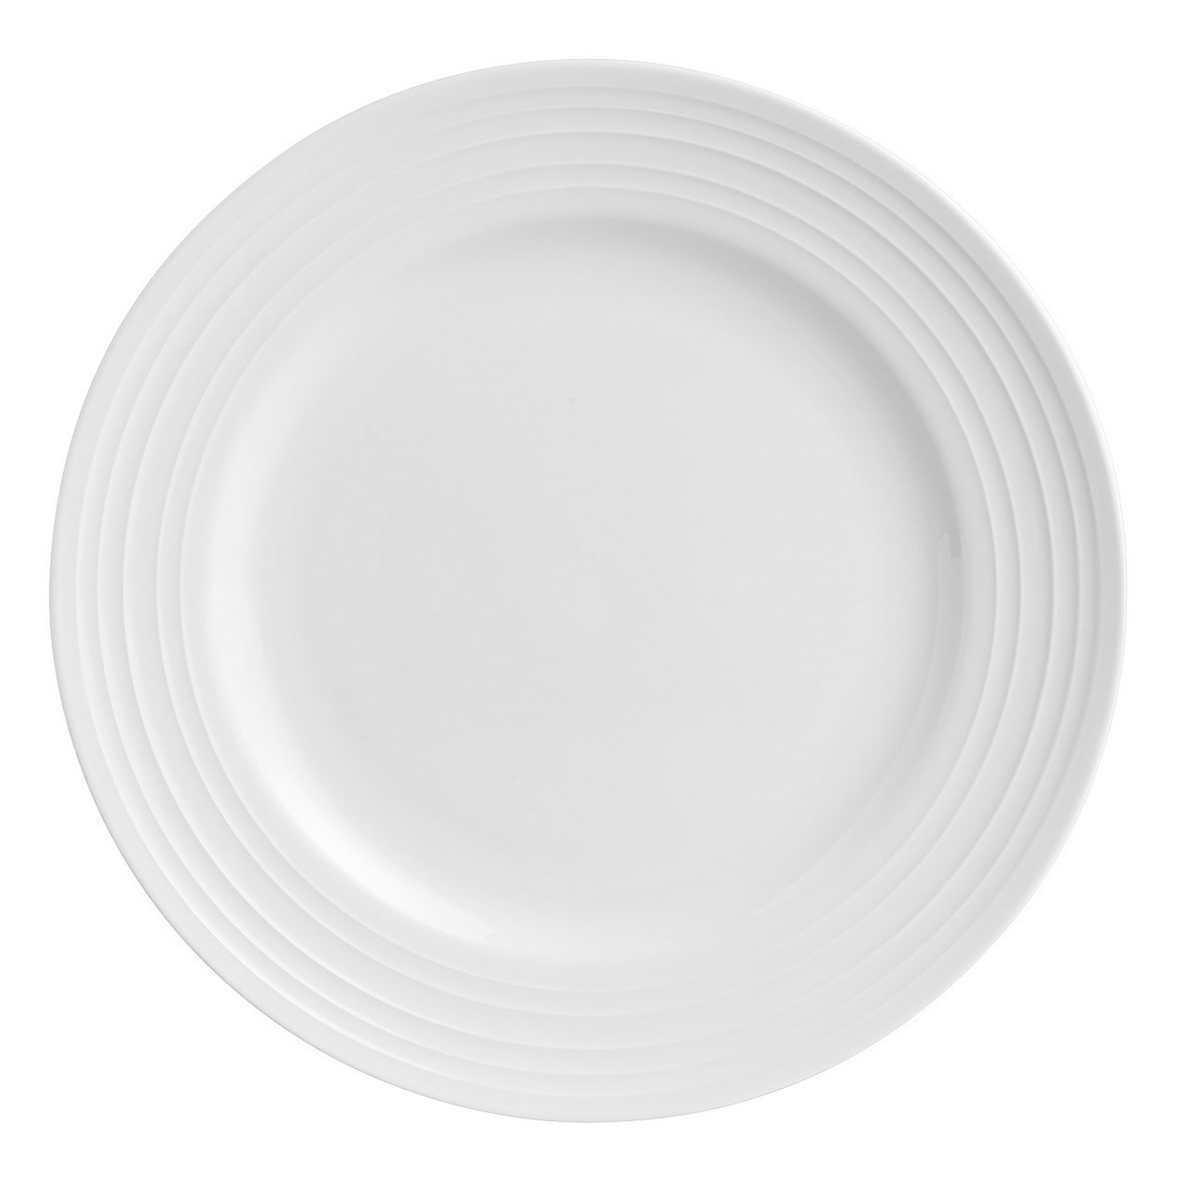 Mikasa Swirl China Dinnerware Set